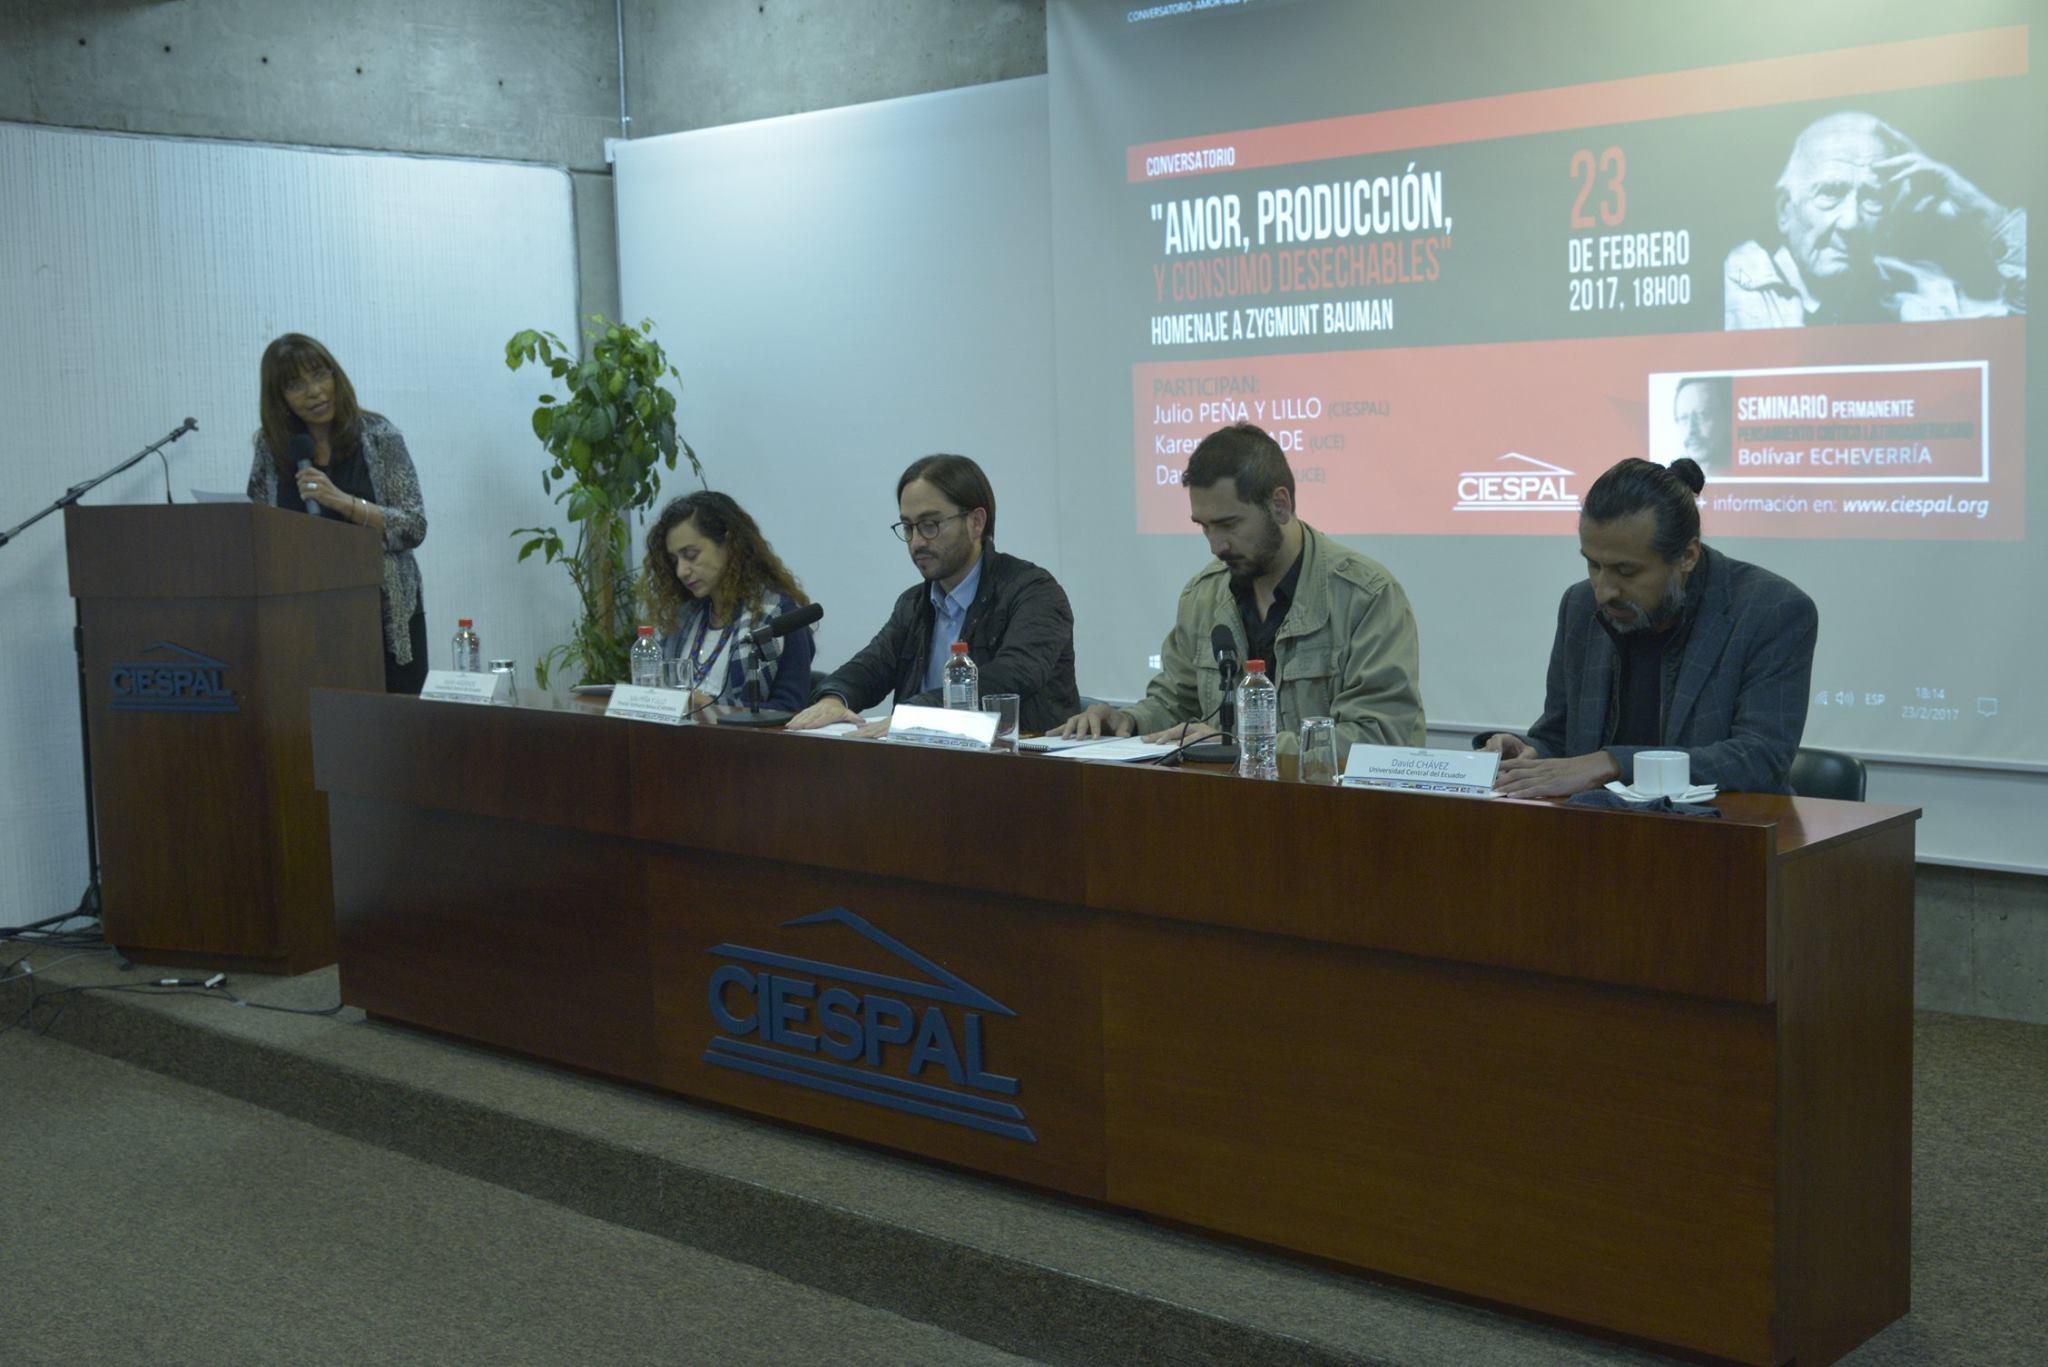 Seminario Bolívar ECHEVERRÍA realizó homenaje a Zygmunt BAUMAN